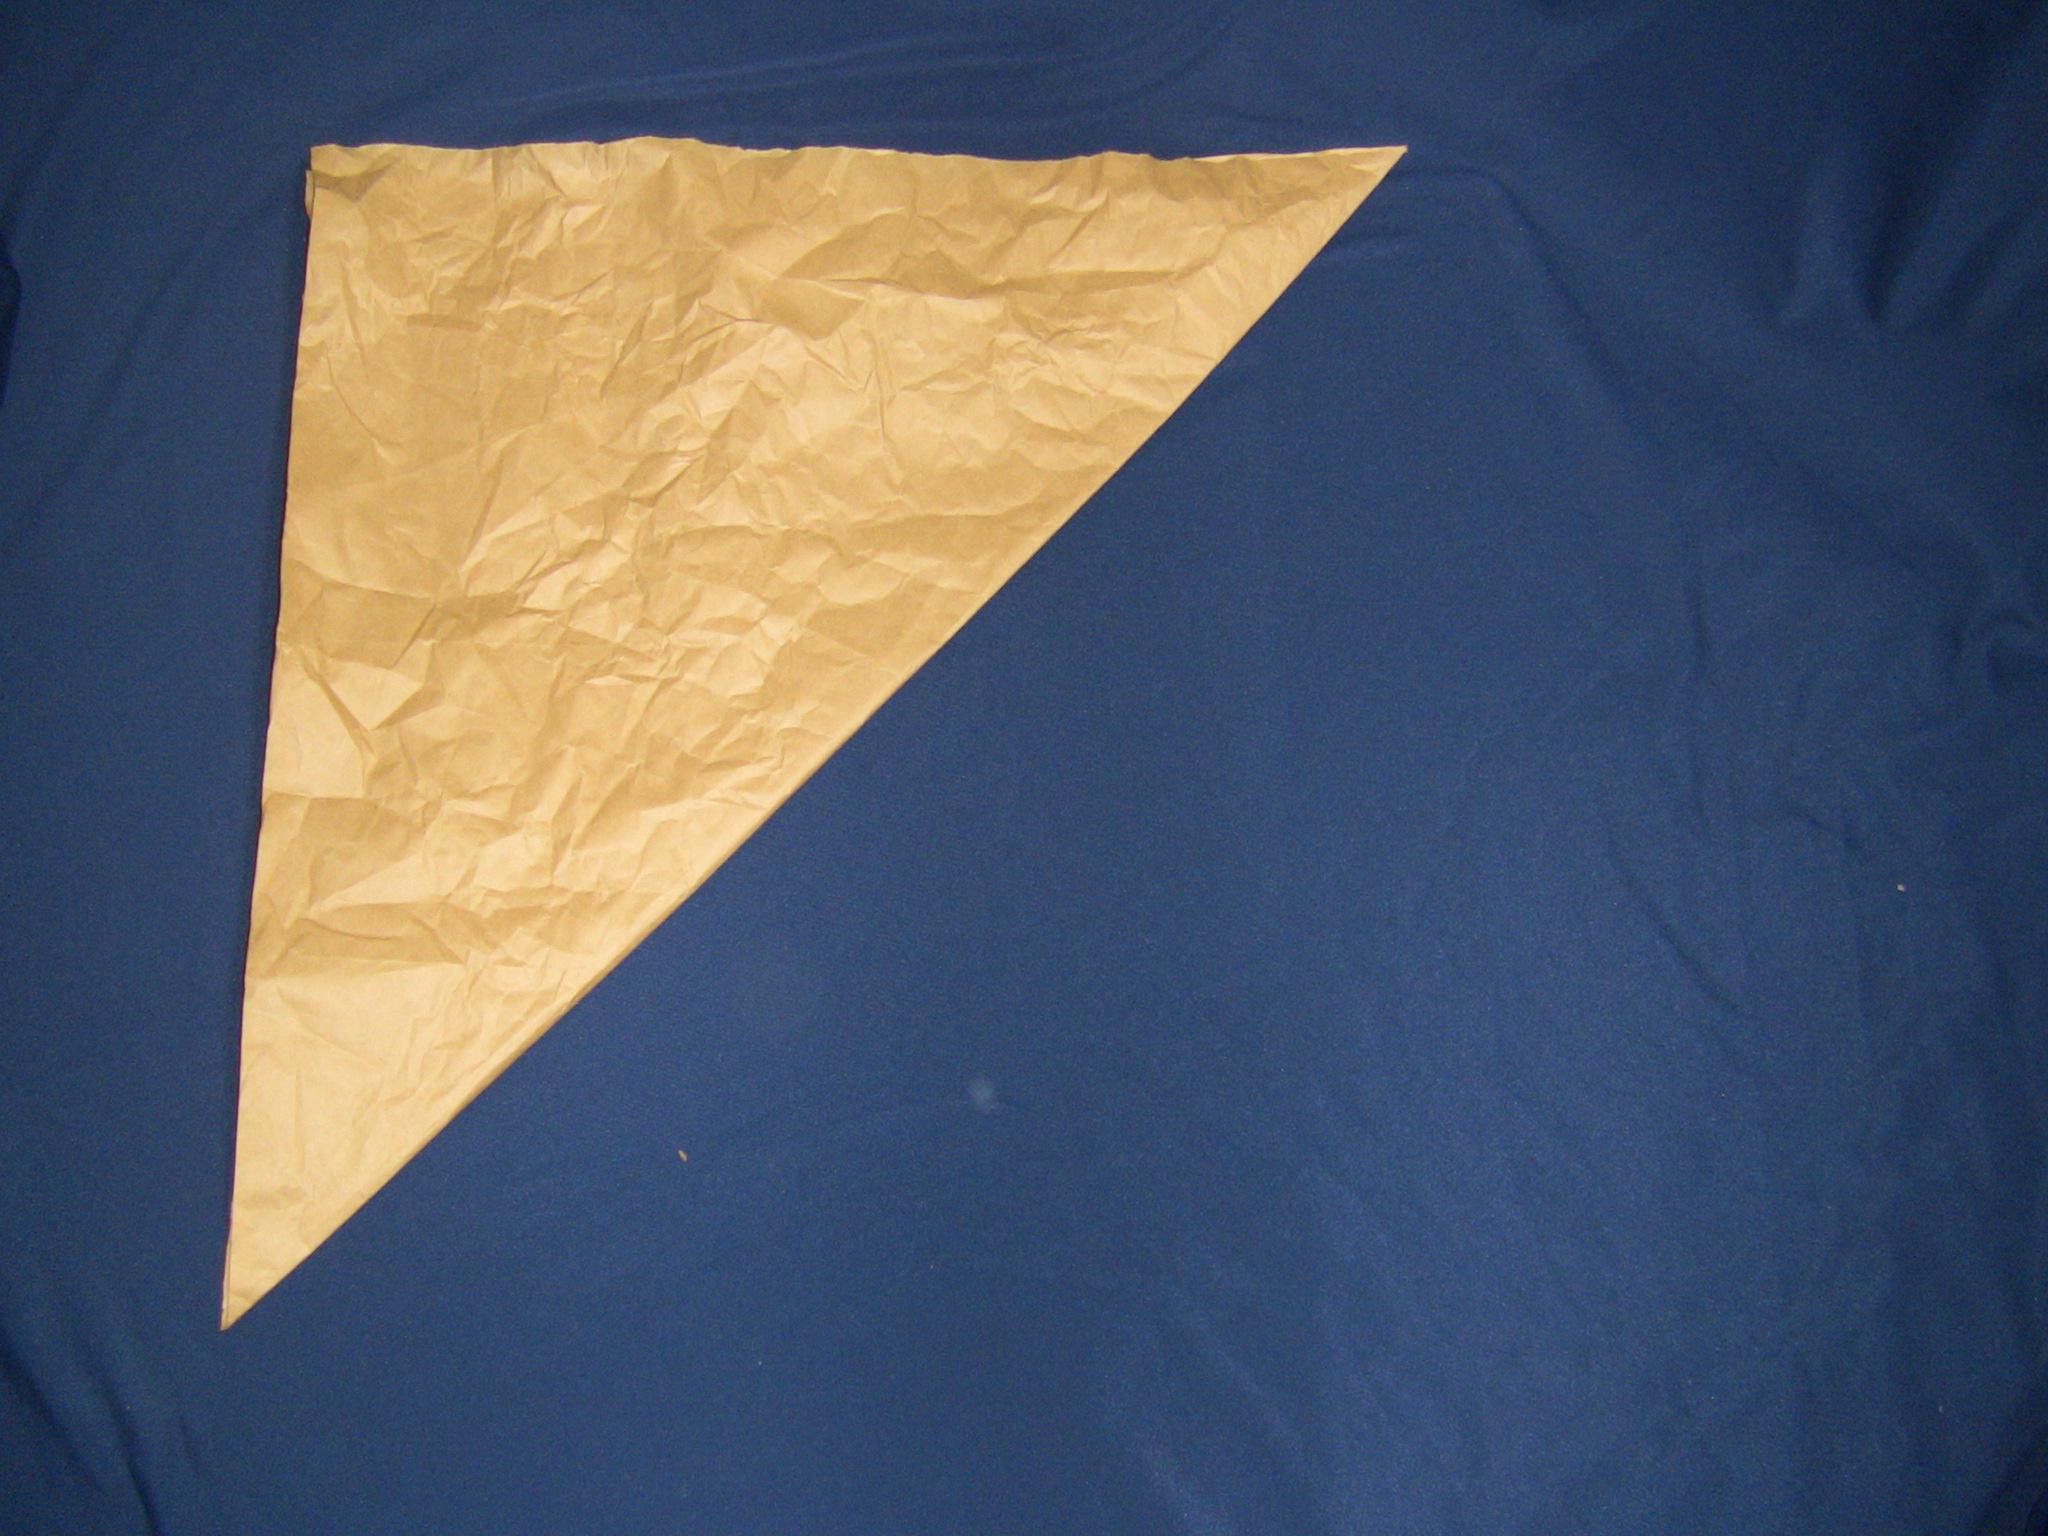 クラフト紙で魔法使い帽子対角線で半分に折る